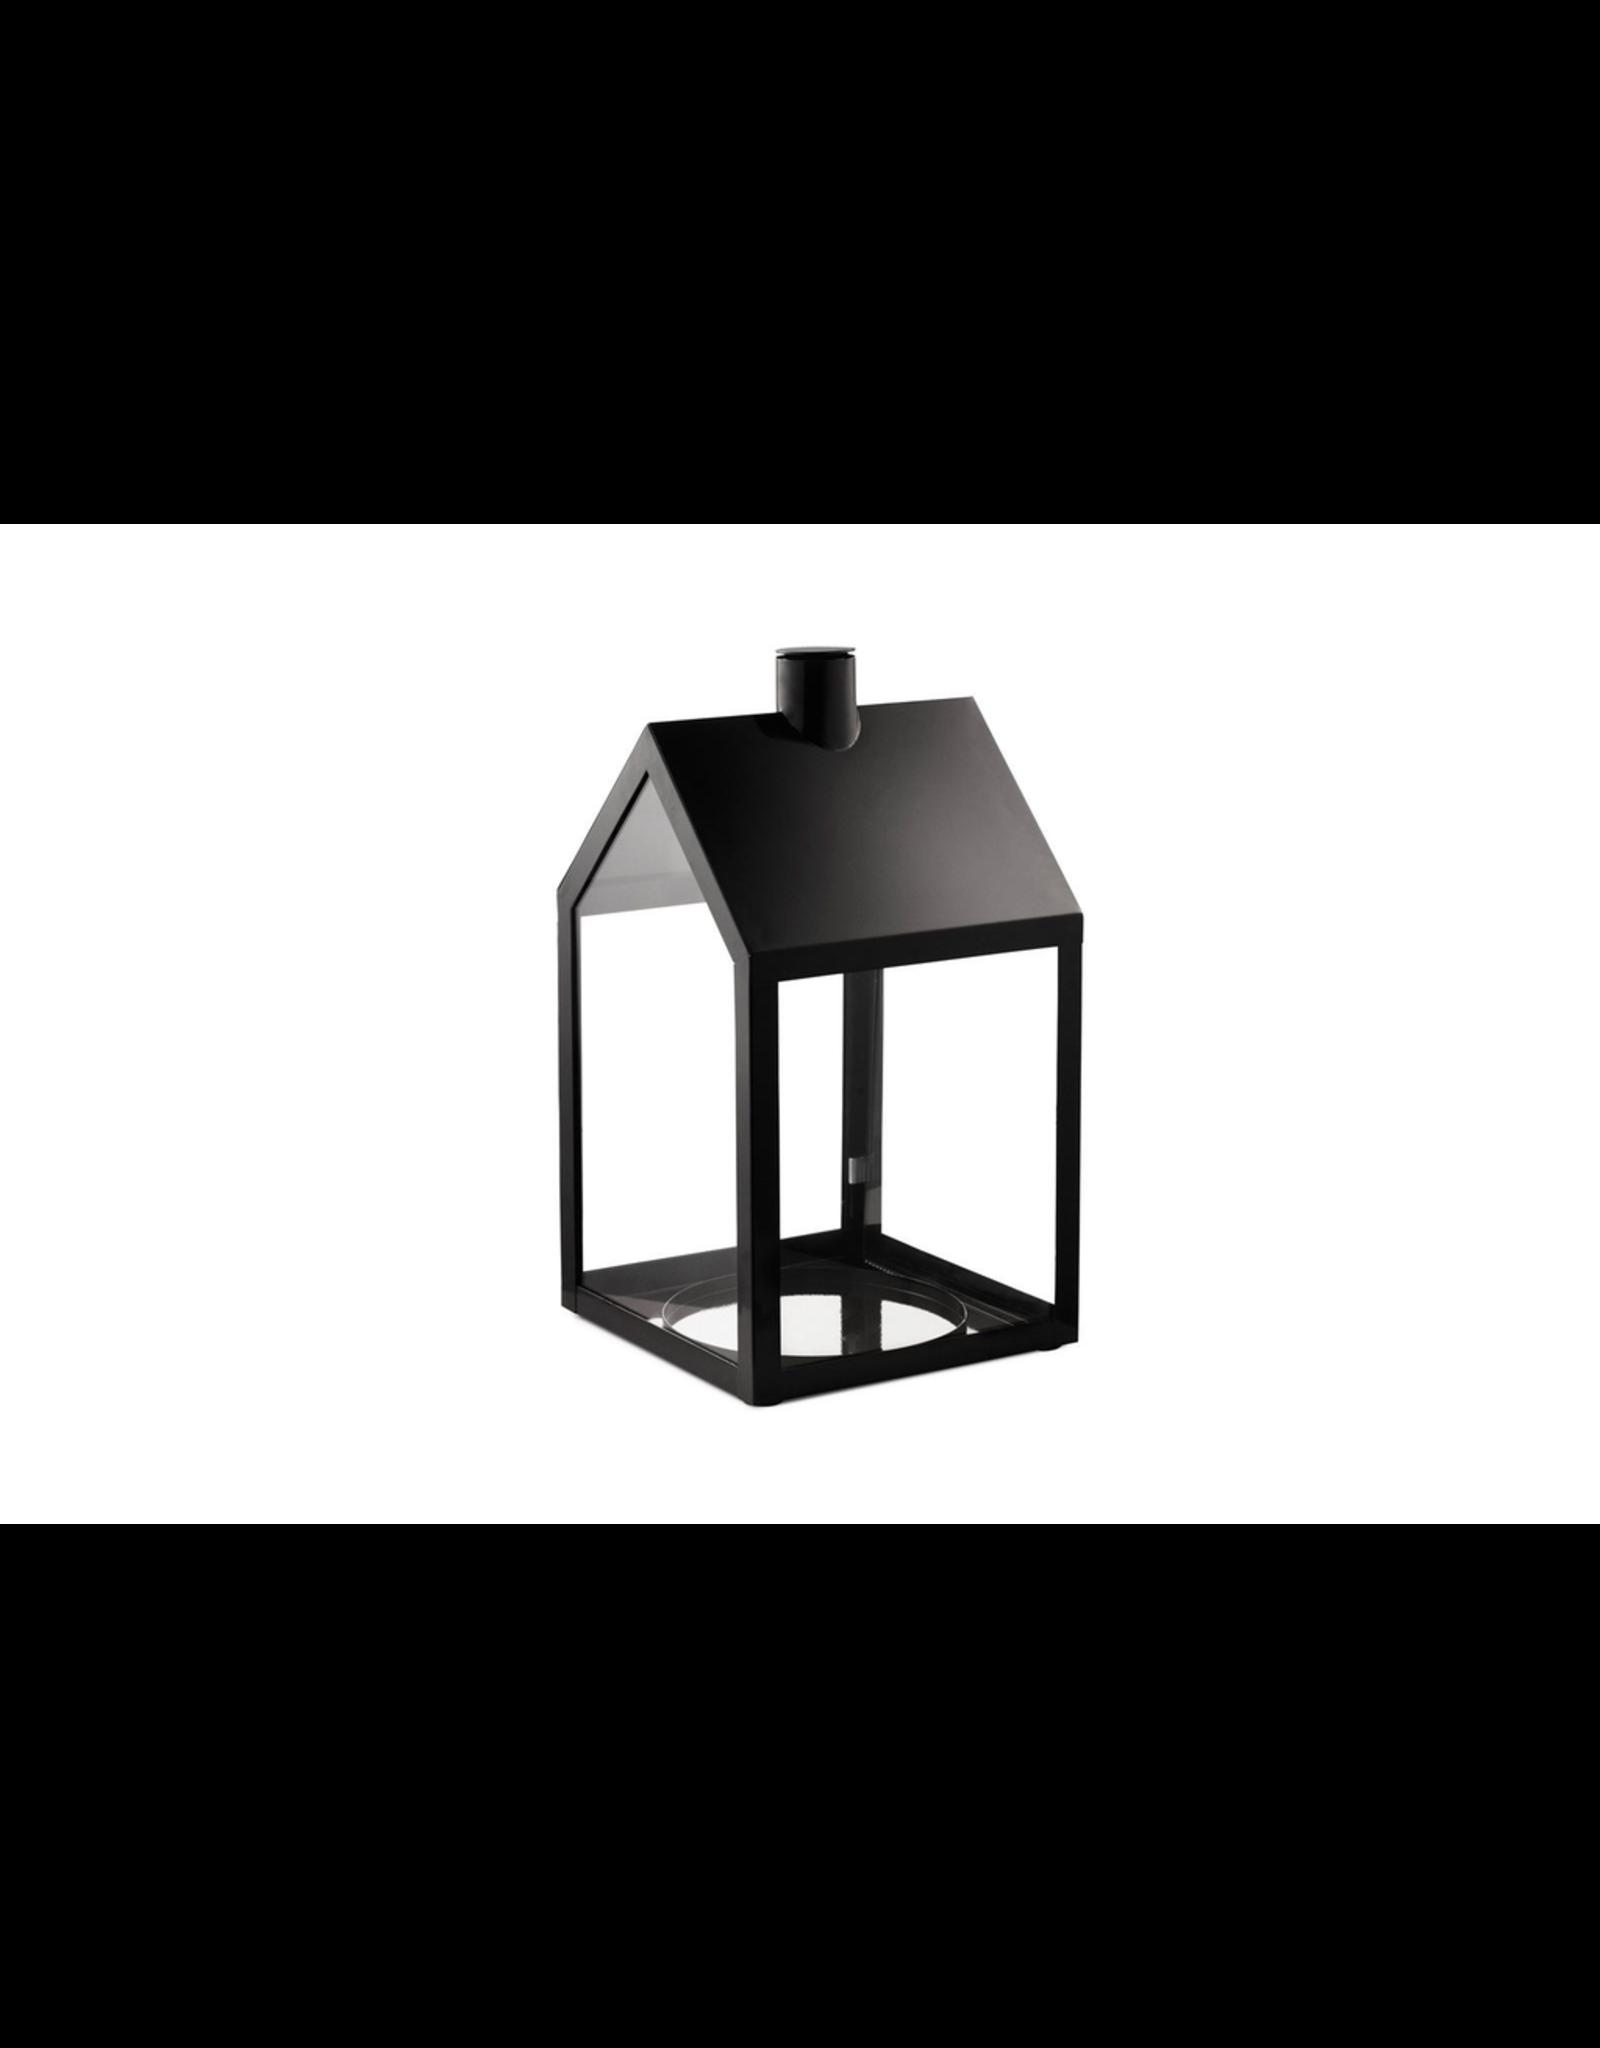 kaarshouders LIGHT HOUSE NOIR